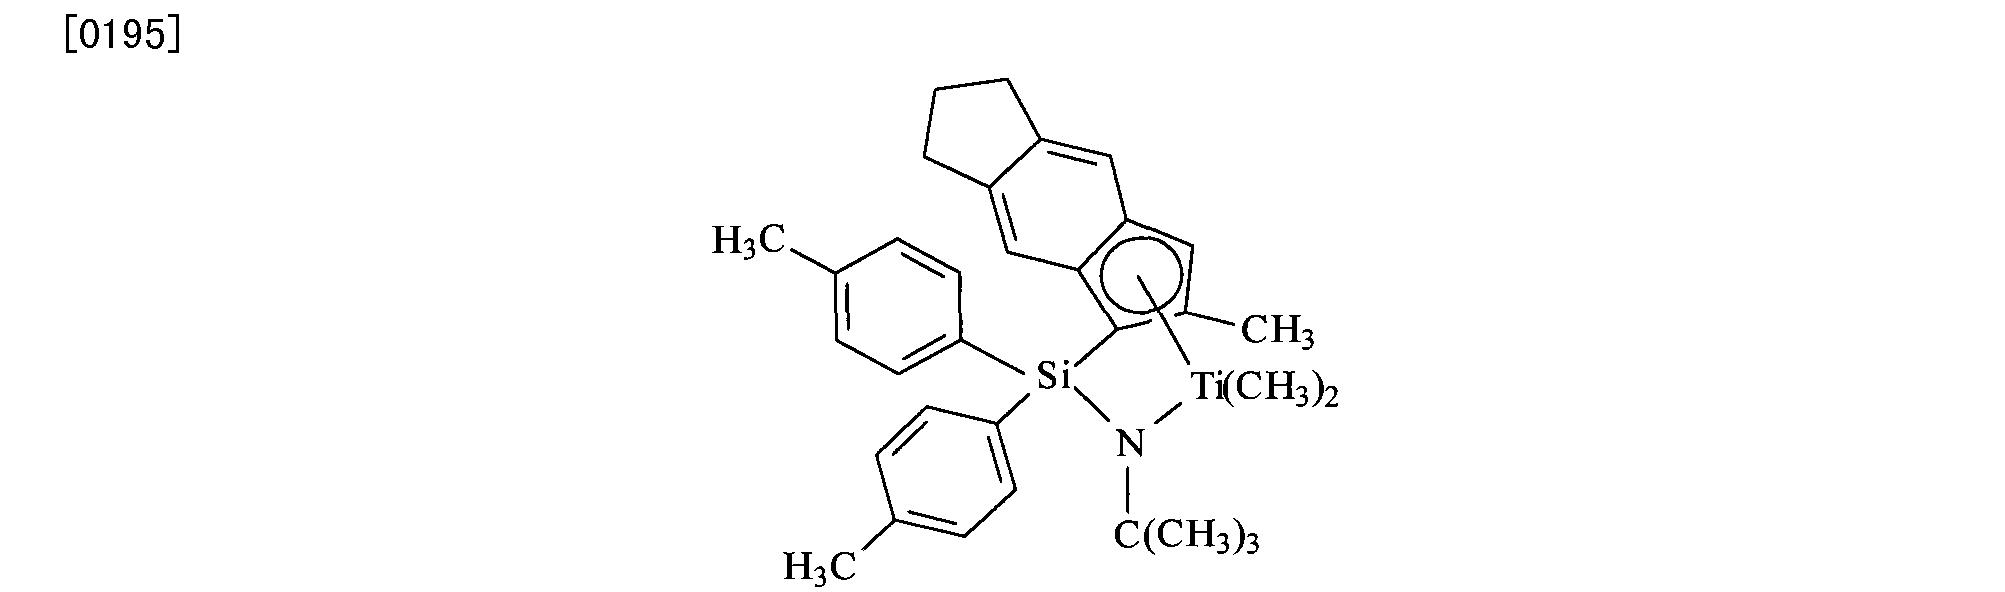 Figure CN102015874BD00214